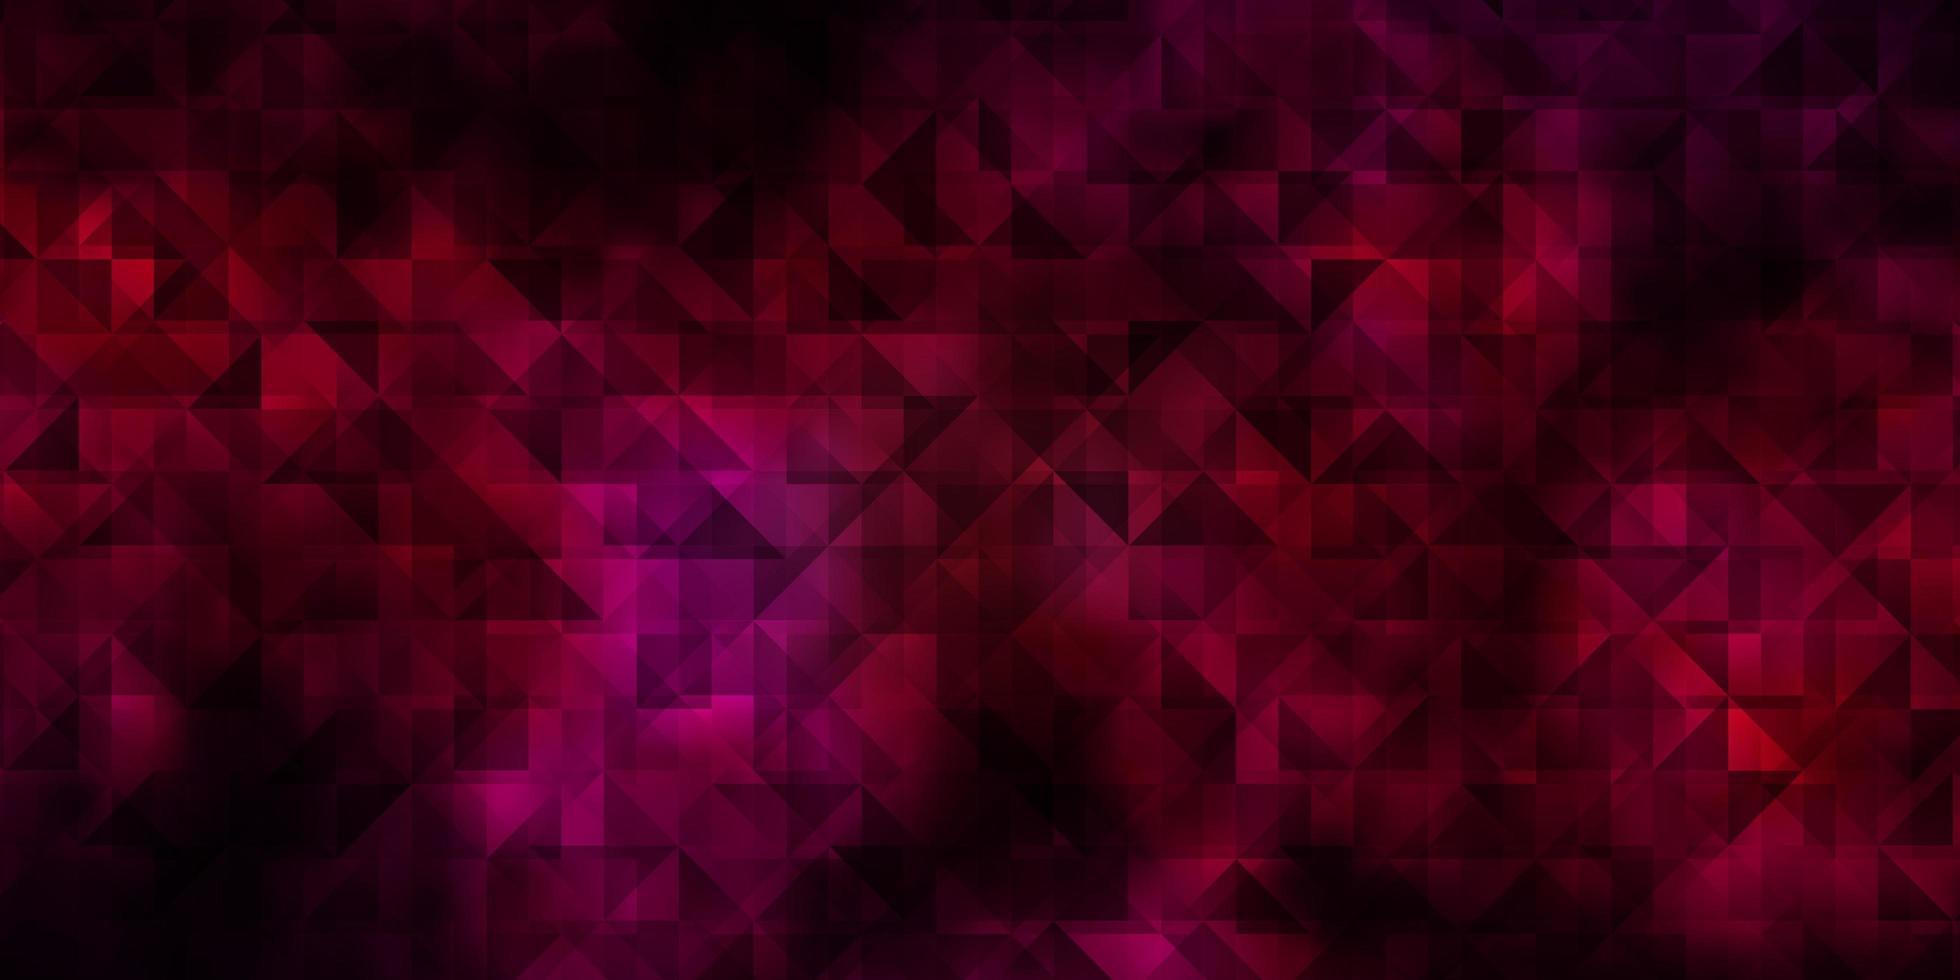 röd layout med linjer, trianglar. vektor